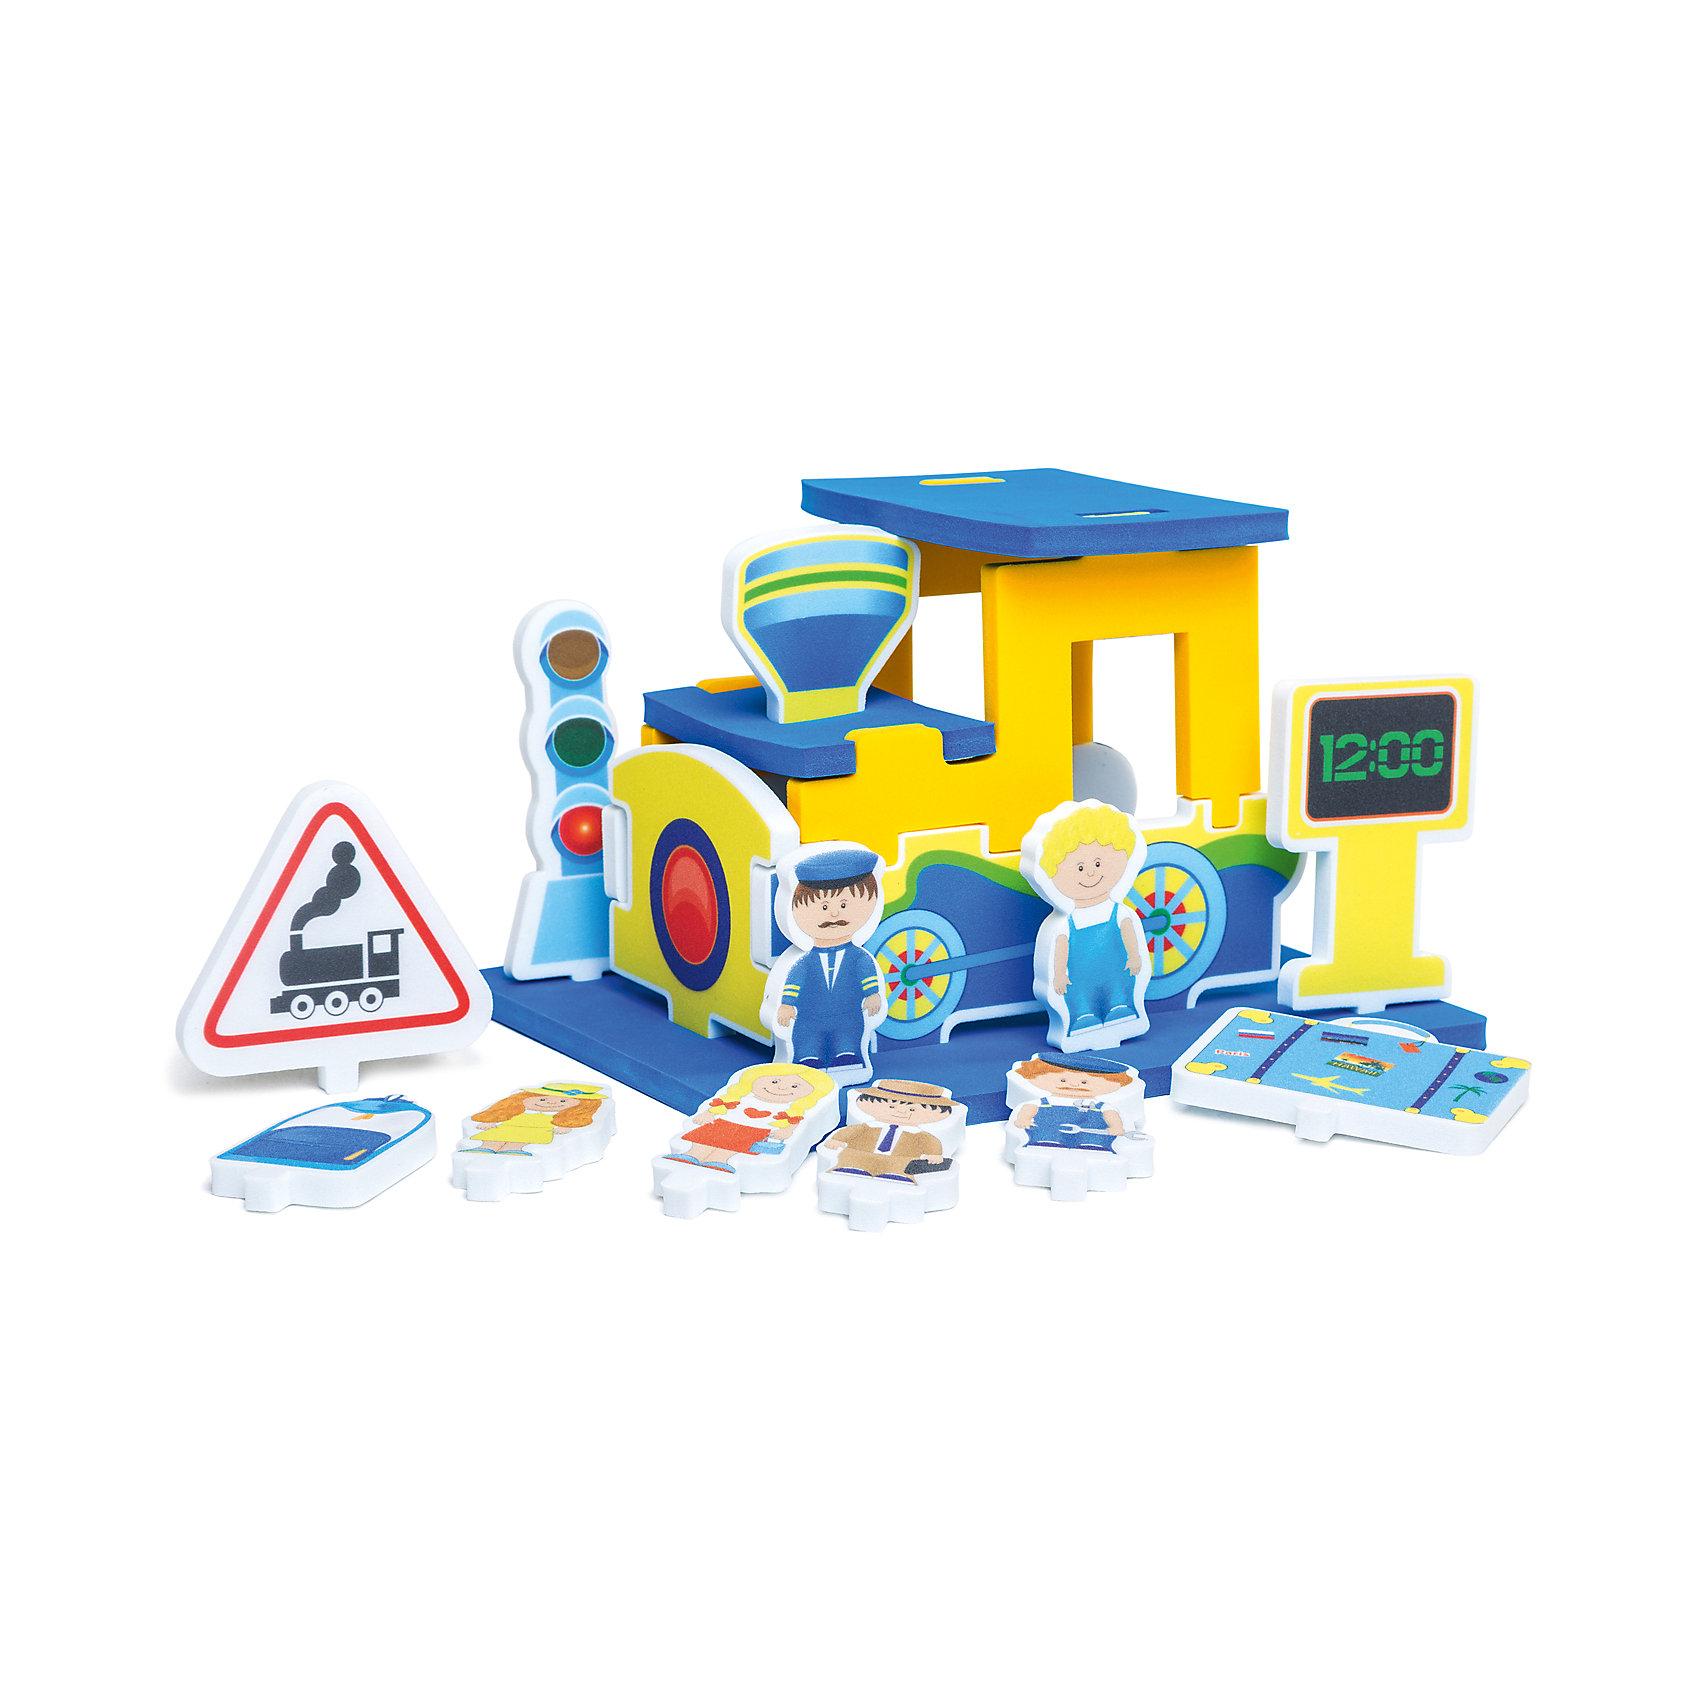 Мягкий конструктор Паровозик, PicnMixБренды конструкторов<br>Мягкий конструктор идеально подходит даже для самых маленьких строителей! Яркие детали и разнообразие форм привлекут внимание малышей и раскроют невероятные возможности для творчества. Конструктор подходит как для игр в комнате, так и в ванной. Все элементы выполнены из высококачественных материалов, с применением экологичных красителей, не имеют острых углов, абсолютно безопасны для детей. Мягкий конструктор - прекрасный подарок на любой праздник, он надолго увлечет ребенка, помогая ему развить логику, моторику рук, цветовосприятие и фантазию.<br>В комплект входит инструкция-методическое пособие со сценарием проведения игры, при помощи взрослого ребенок собирает из нескольких деталей конструкцию паровоза и устанавливает на подставке те фигурки, которые соответствуют игровому сюжету. <br><br>Дополнительная информация:<br><br>- Материал: ЭВА.<br>- Размер упаковки: 32х6х31 см. <br>- Не имеет острых углов.<br>- Можно использовать в воде. <br><br>Мягкий конструктор Паровозик, Pic`n Mix, можно купить в нашем магазине.<br><br>Ширина мм: 210<br>Глубина мм: 80<br>Высота мм: 270<br>Вес г: 300<br>Возраст от месяцев: 18<br>Возраст до месяцев: 36<br>Пол: Унисекс<br>Возраст: Детский<br>SKU: 4536632